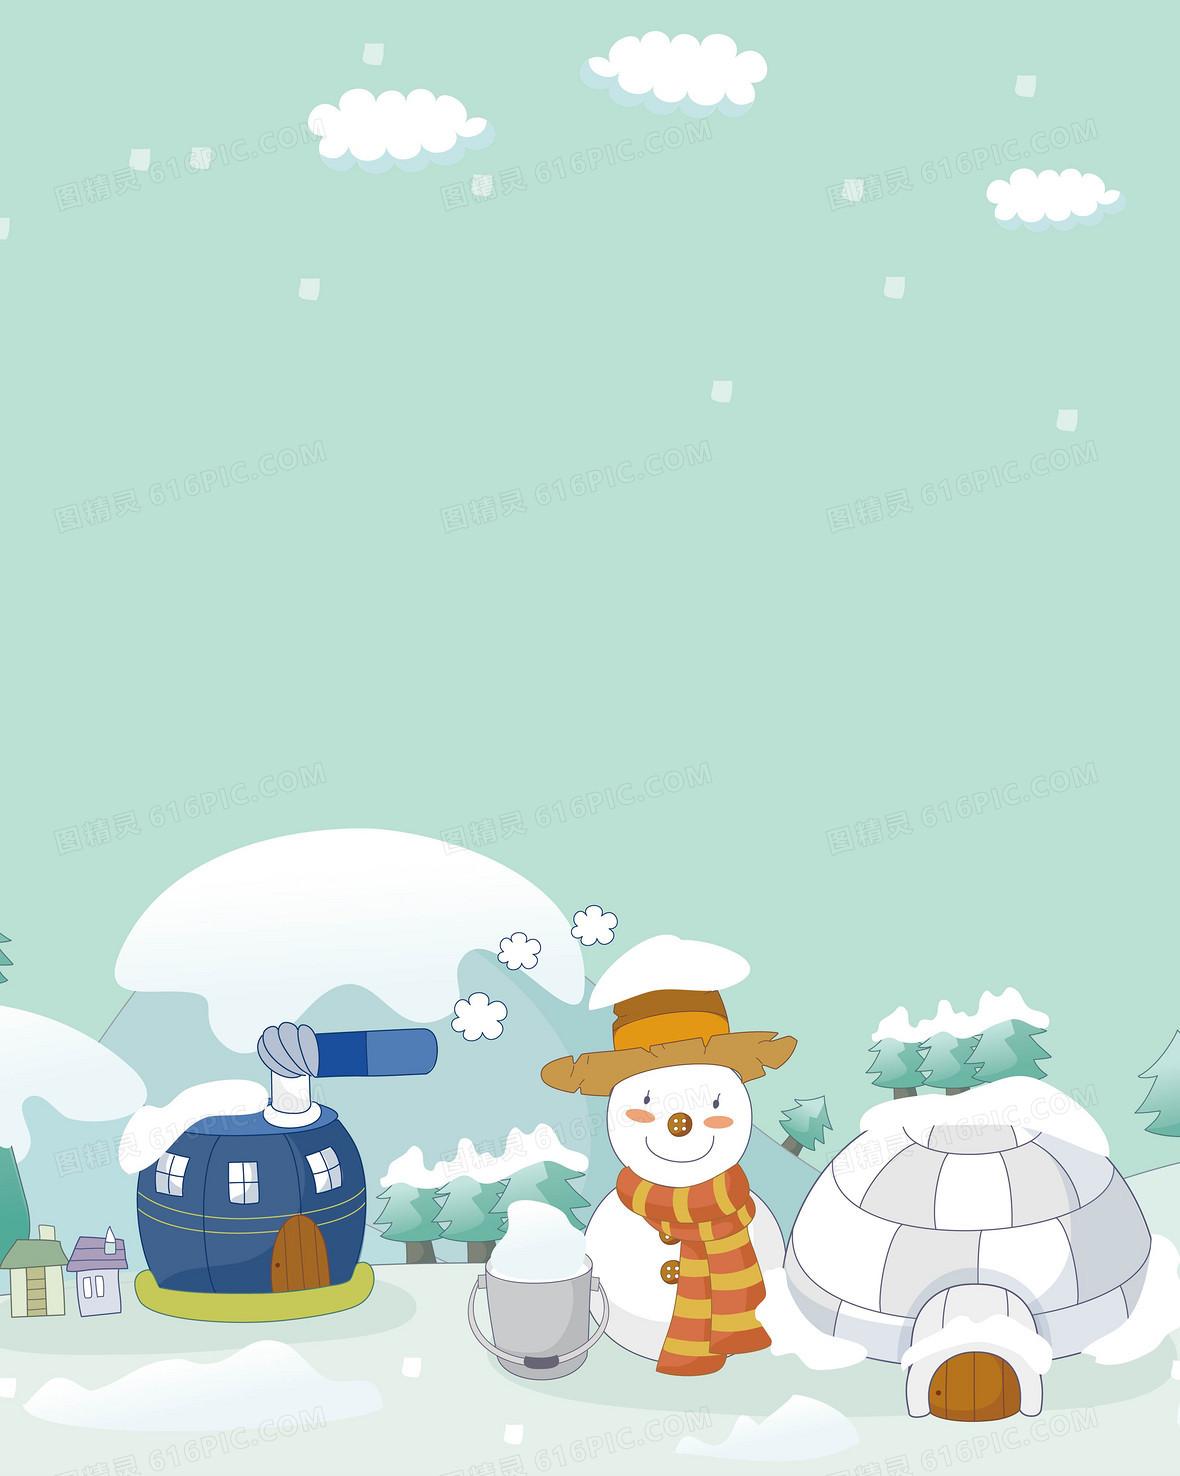 矢量手绘卡通冬天雪人南极背景素材